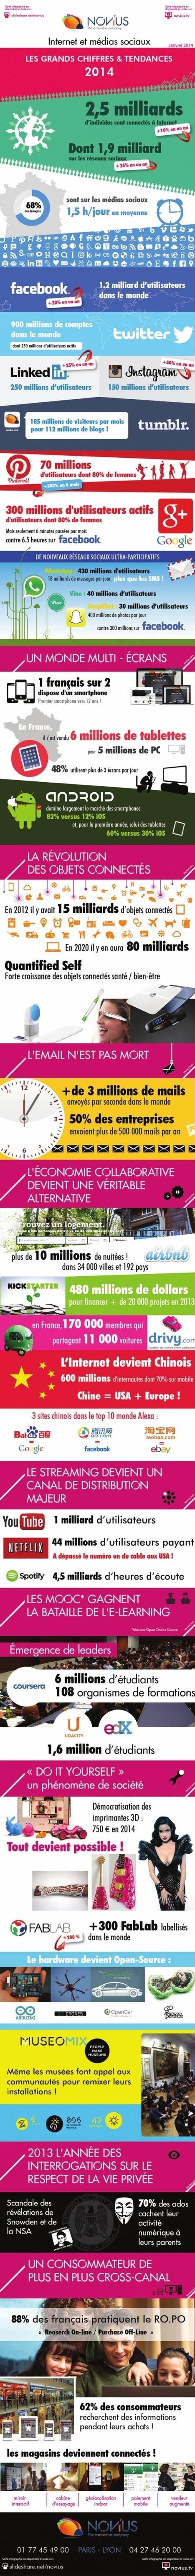 Infographie | Les tendances du Web en 2014 | Tendances | Scoop.it